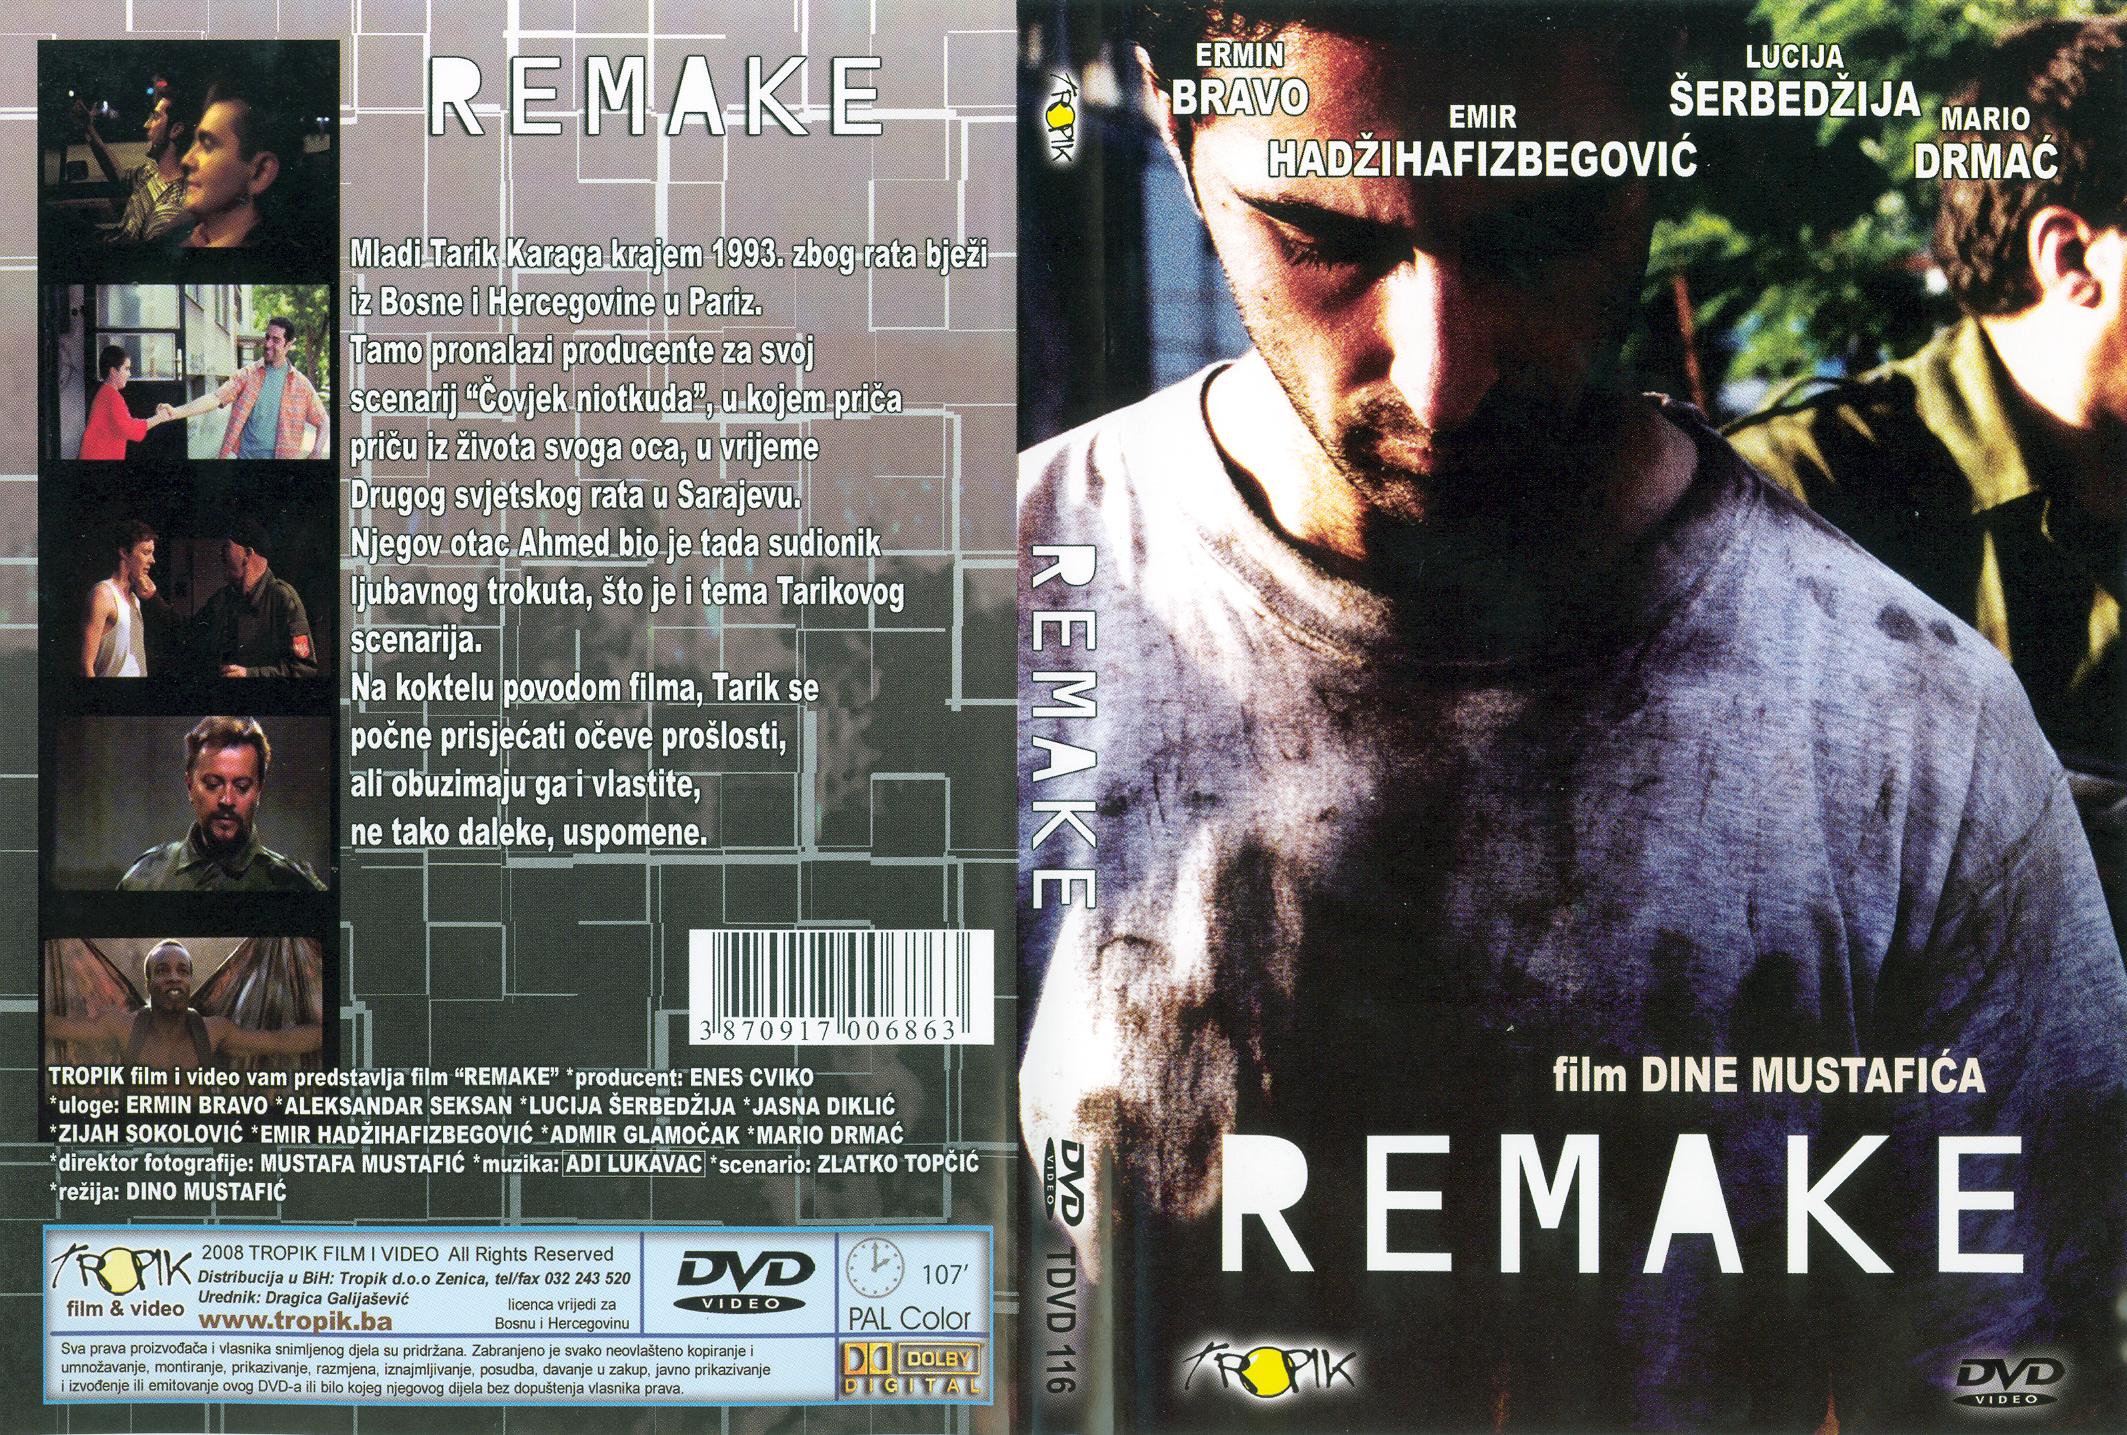 Remake.jpg